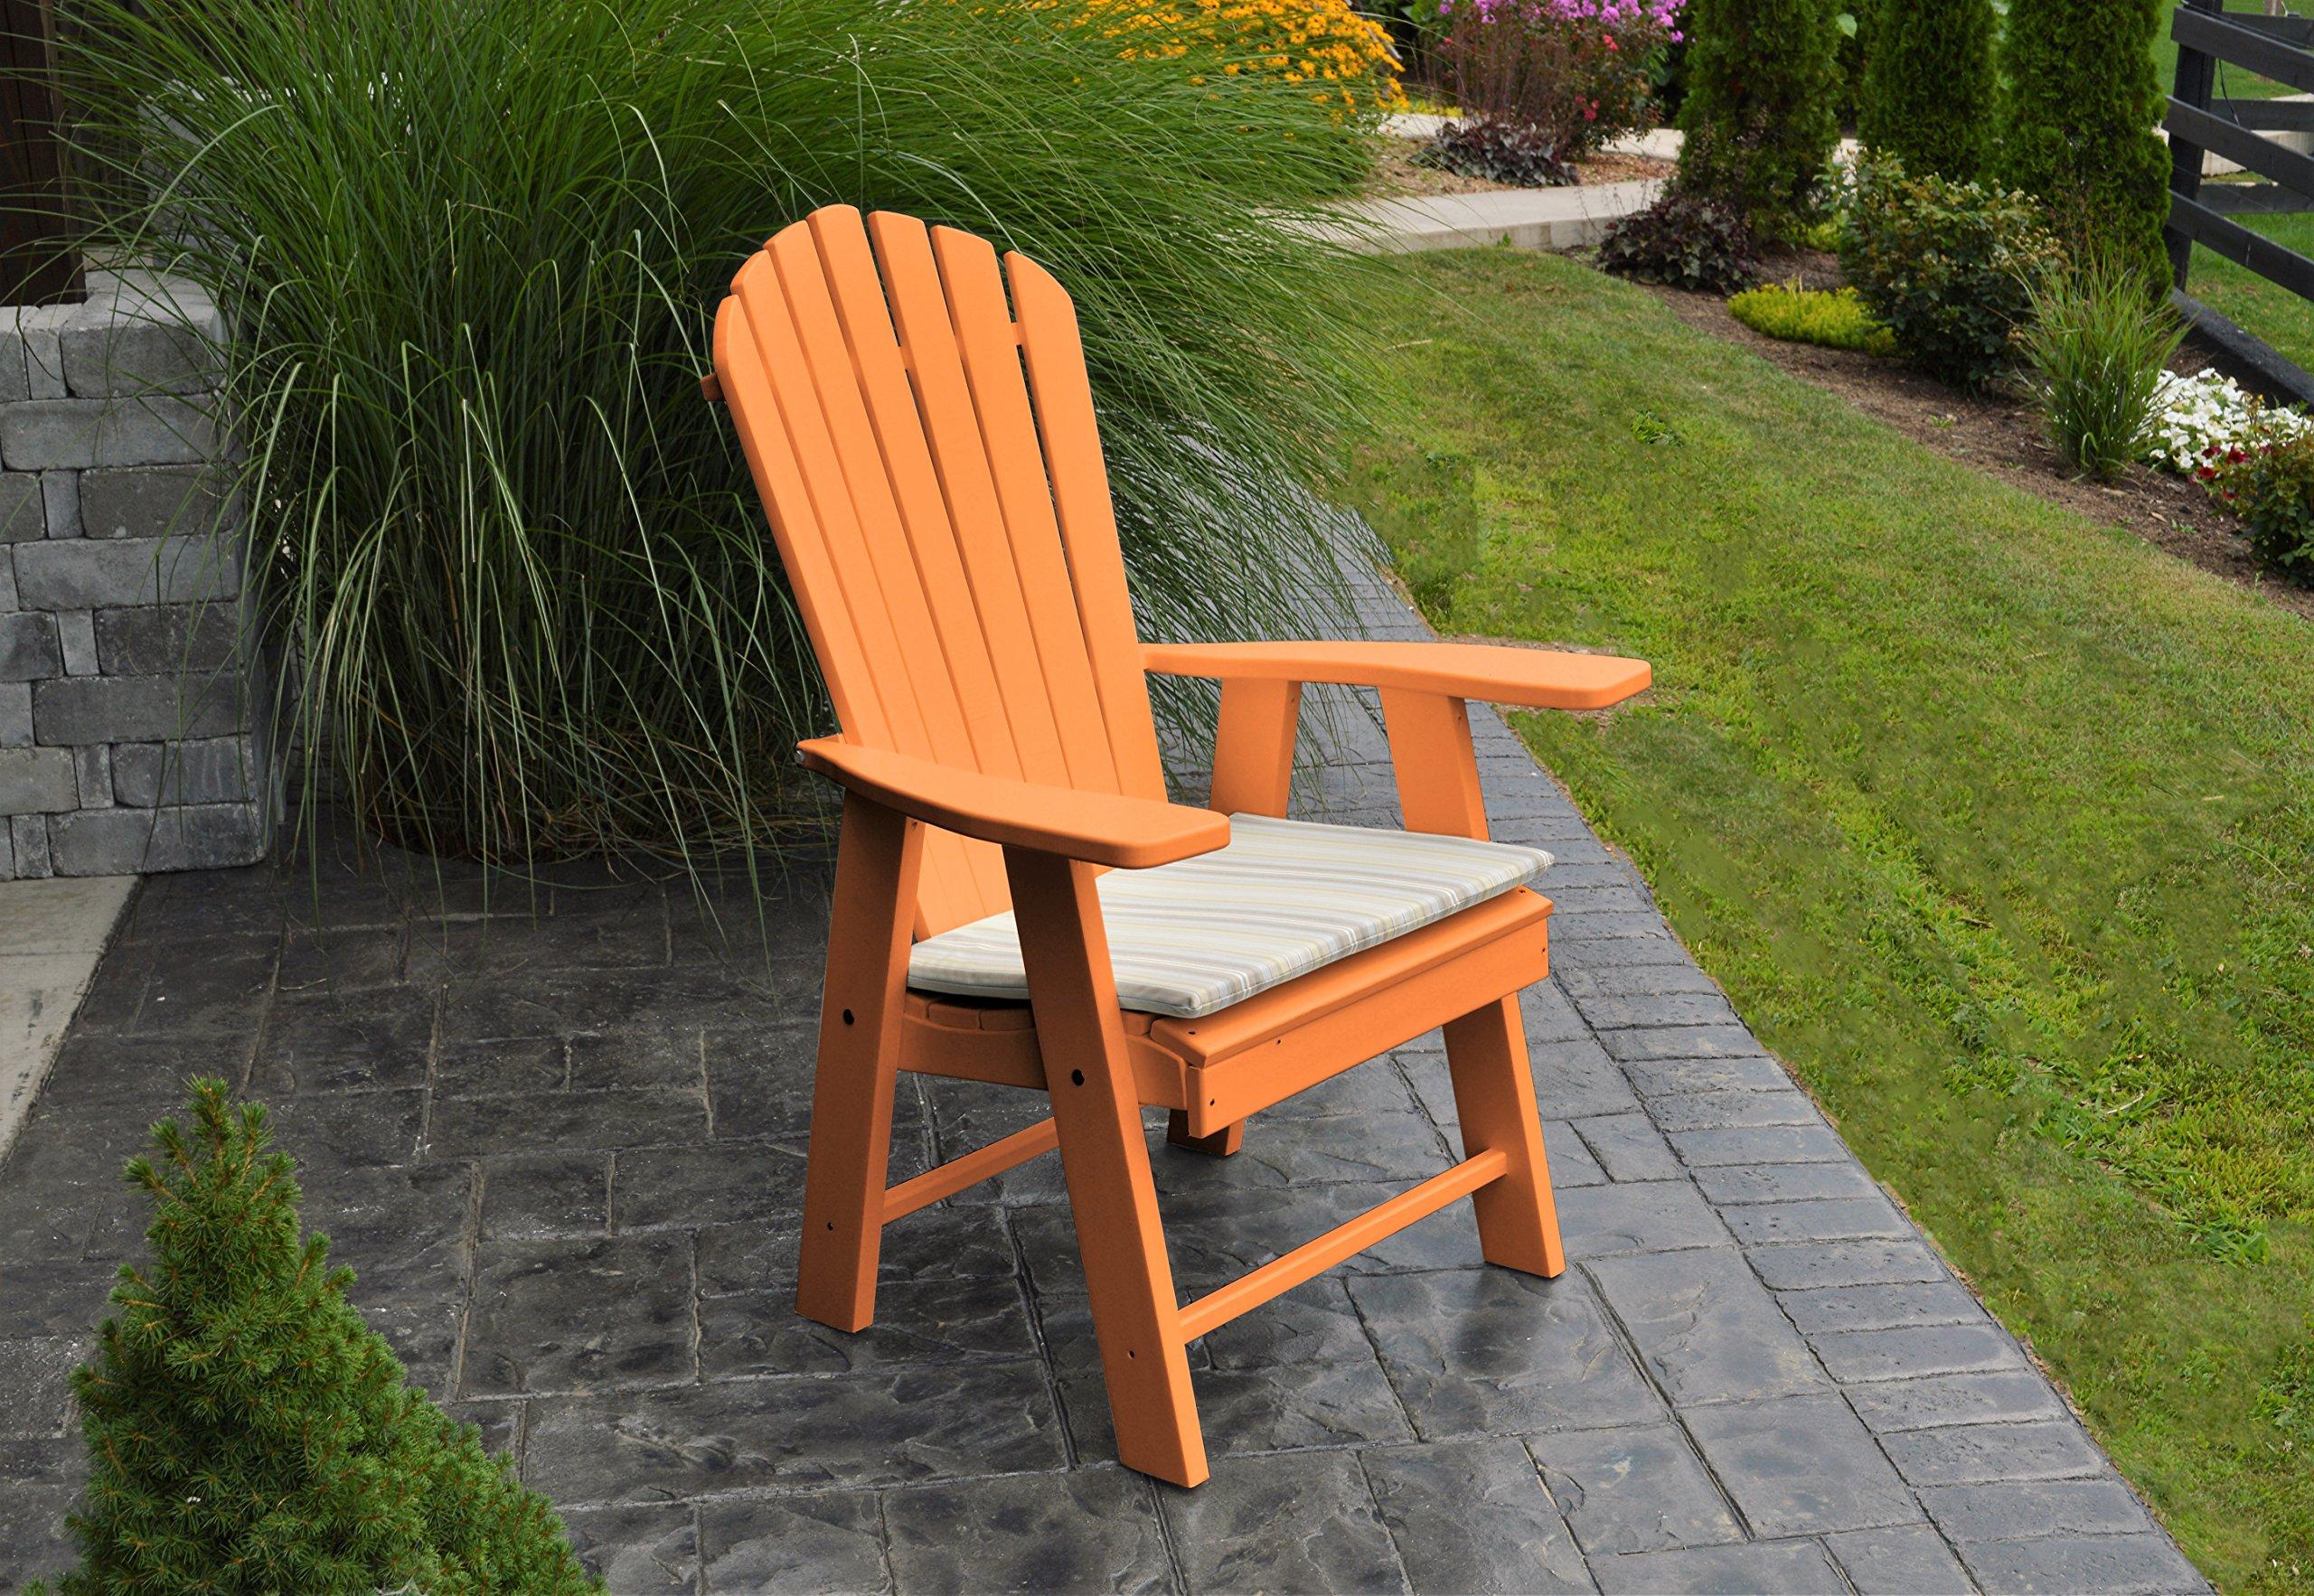 Mejor Polywood Adirondack silla muebles de porche y Patio asiento, diseño vertical para elegante vida al aire libre, perfecto para la parte delantera entrada y Patio trasero, Fire Pit y Piscina, diversión